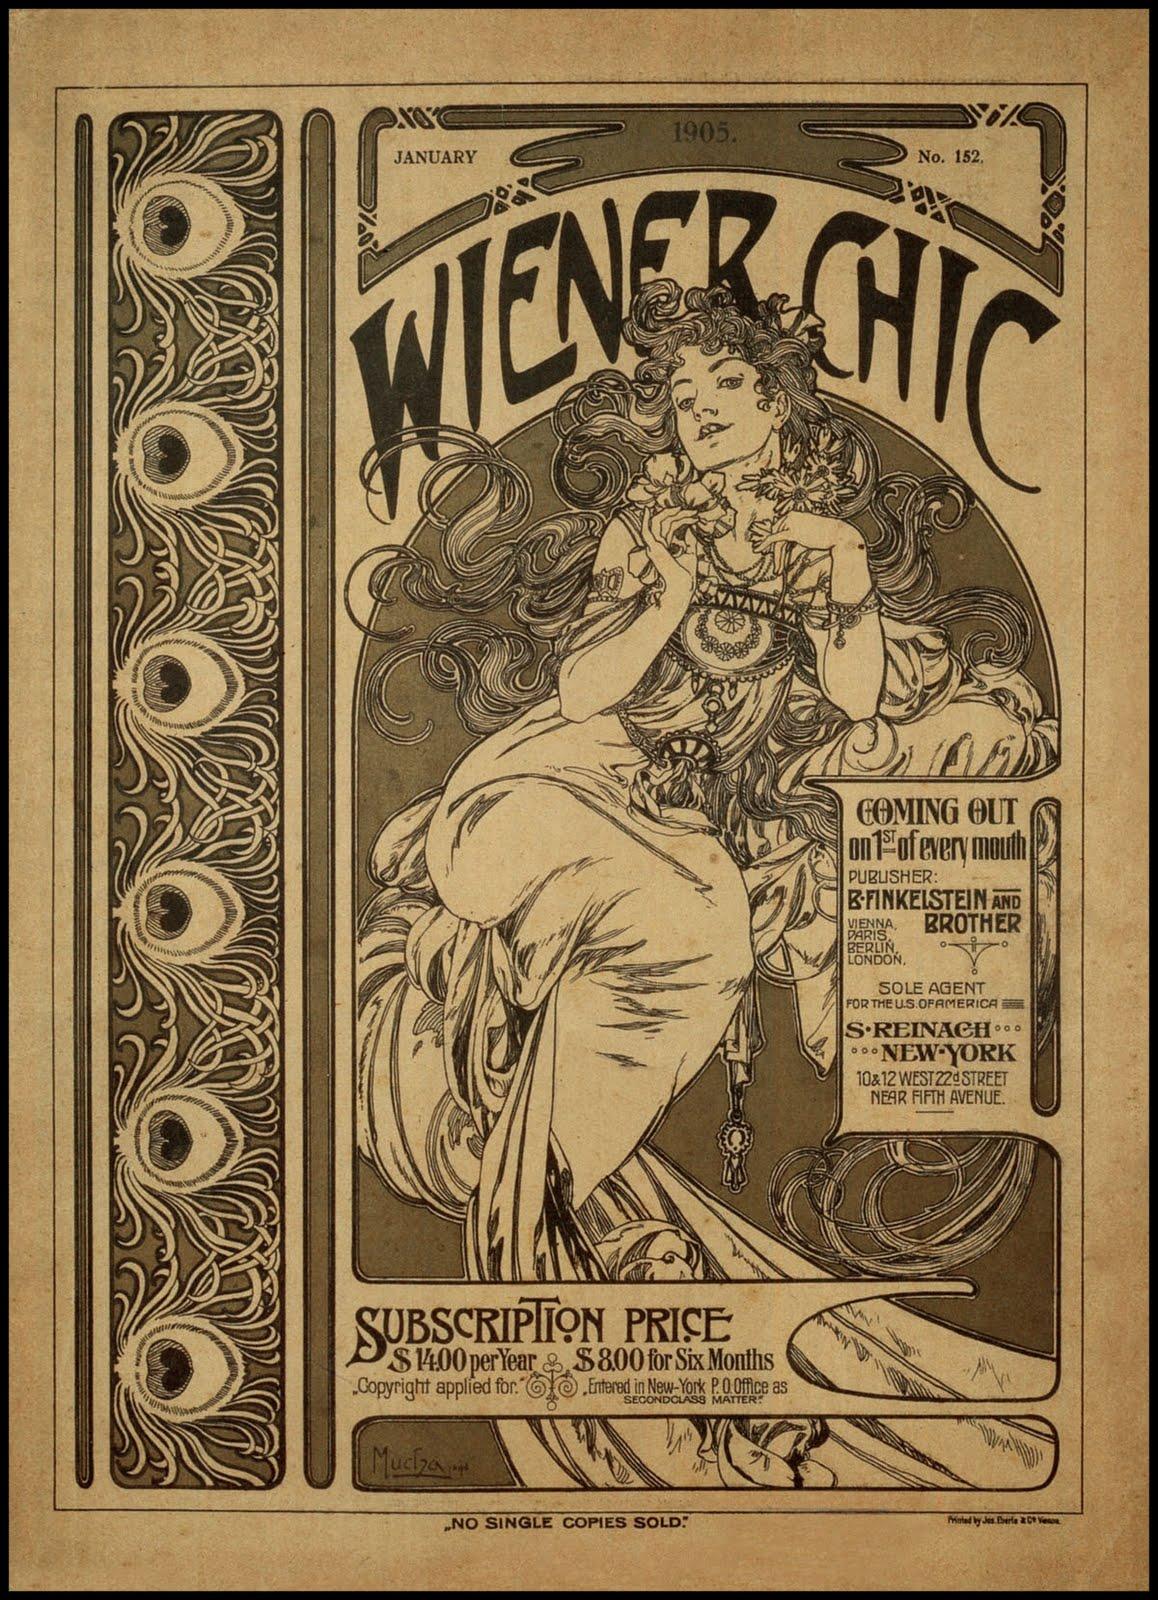 Иллюстрация журнала Wiener Chic-1905